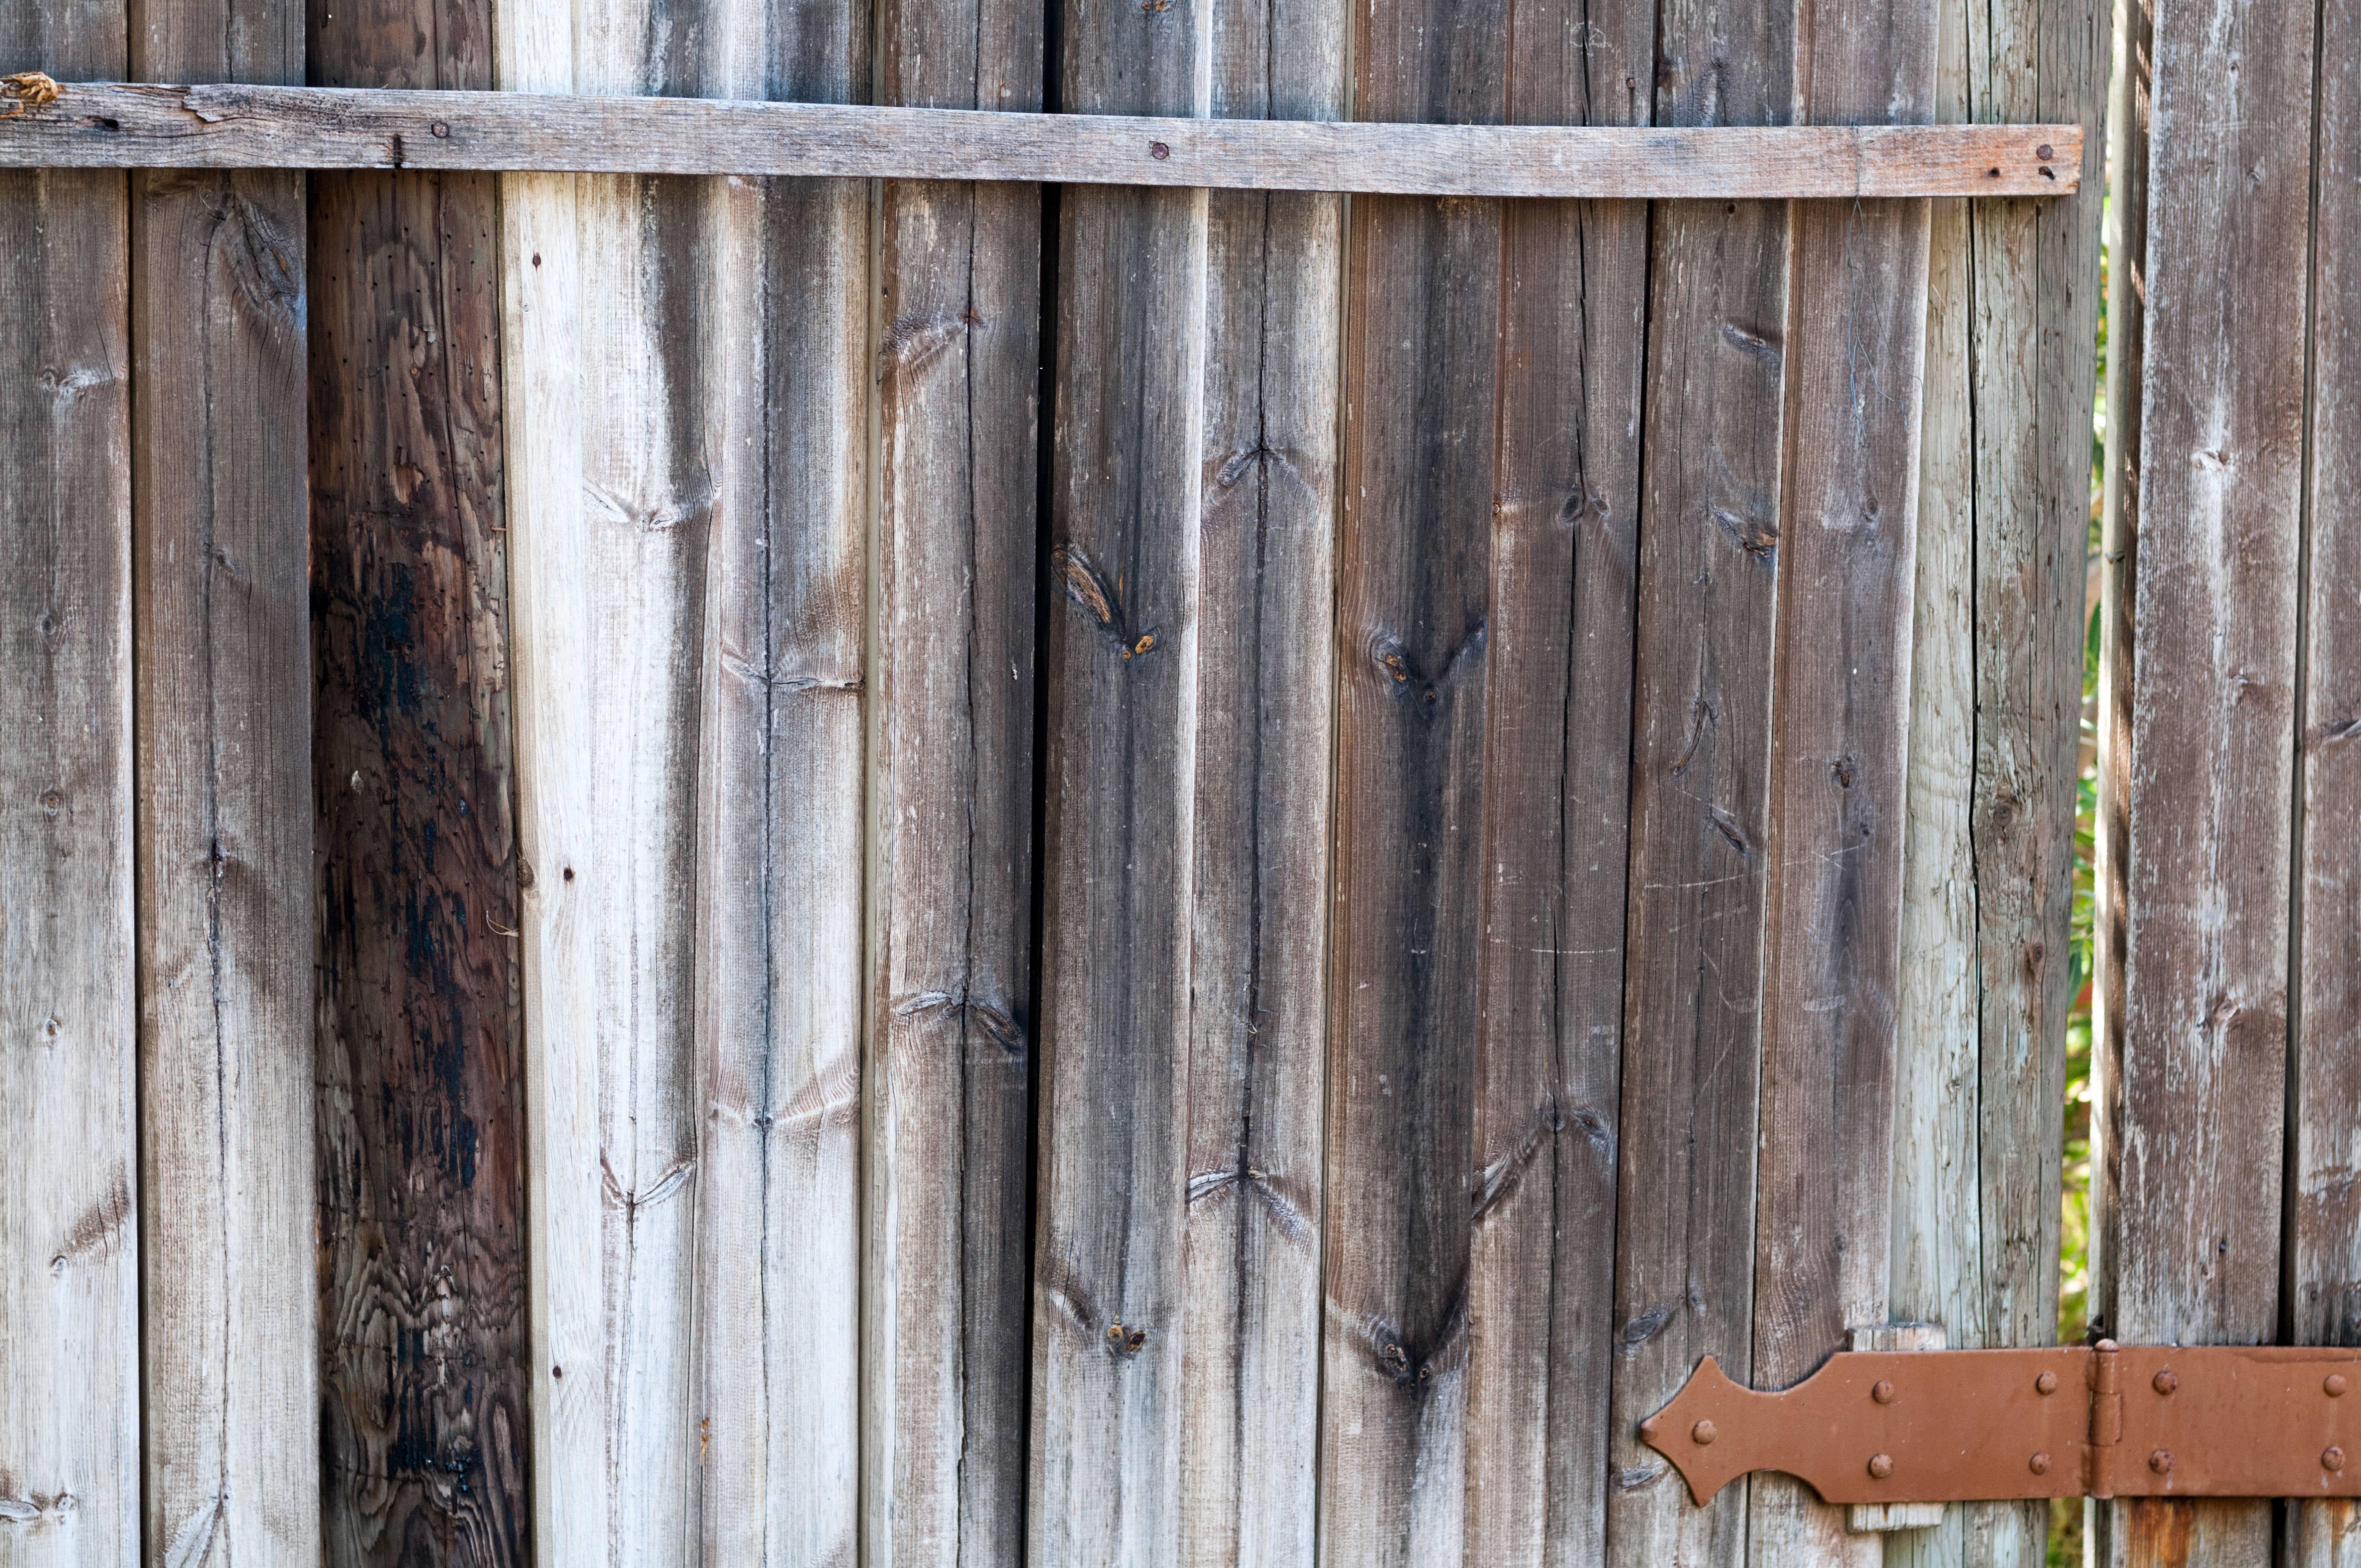 Old wooden door with a rusty hinge